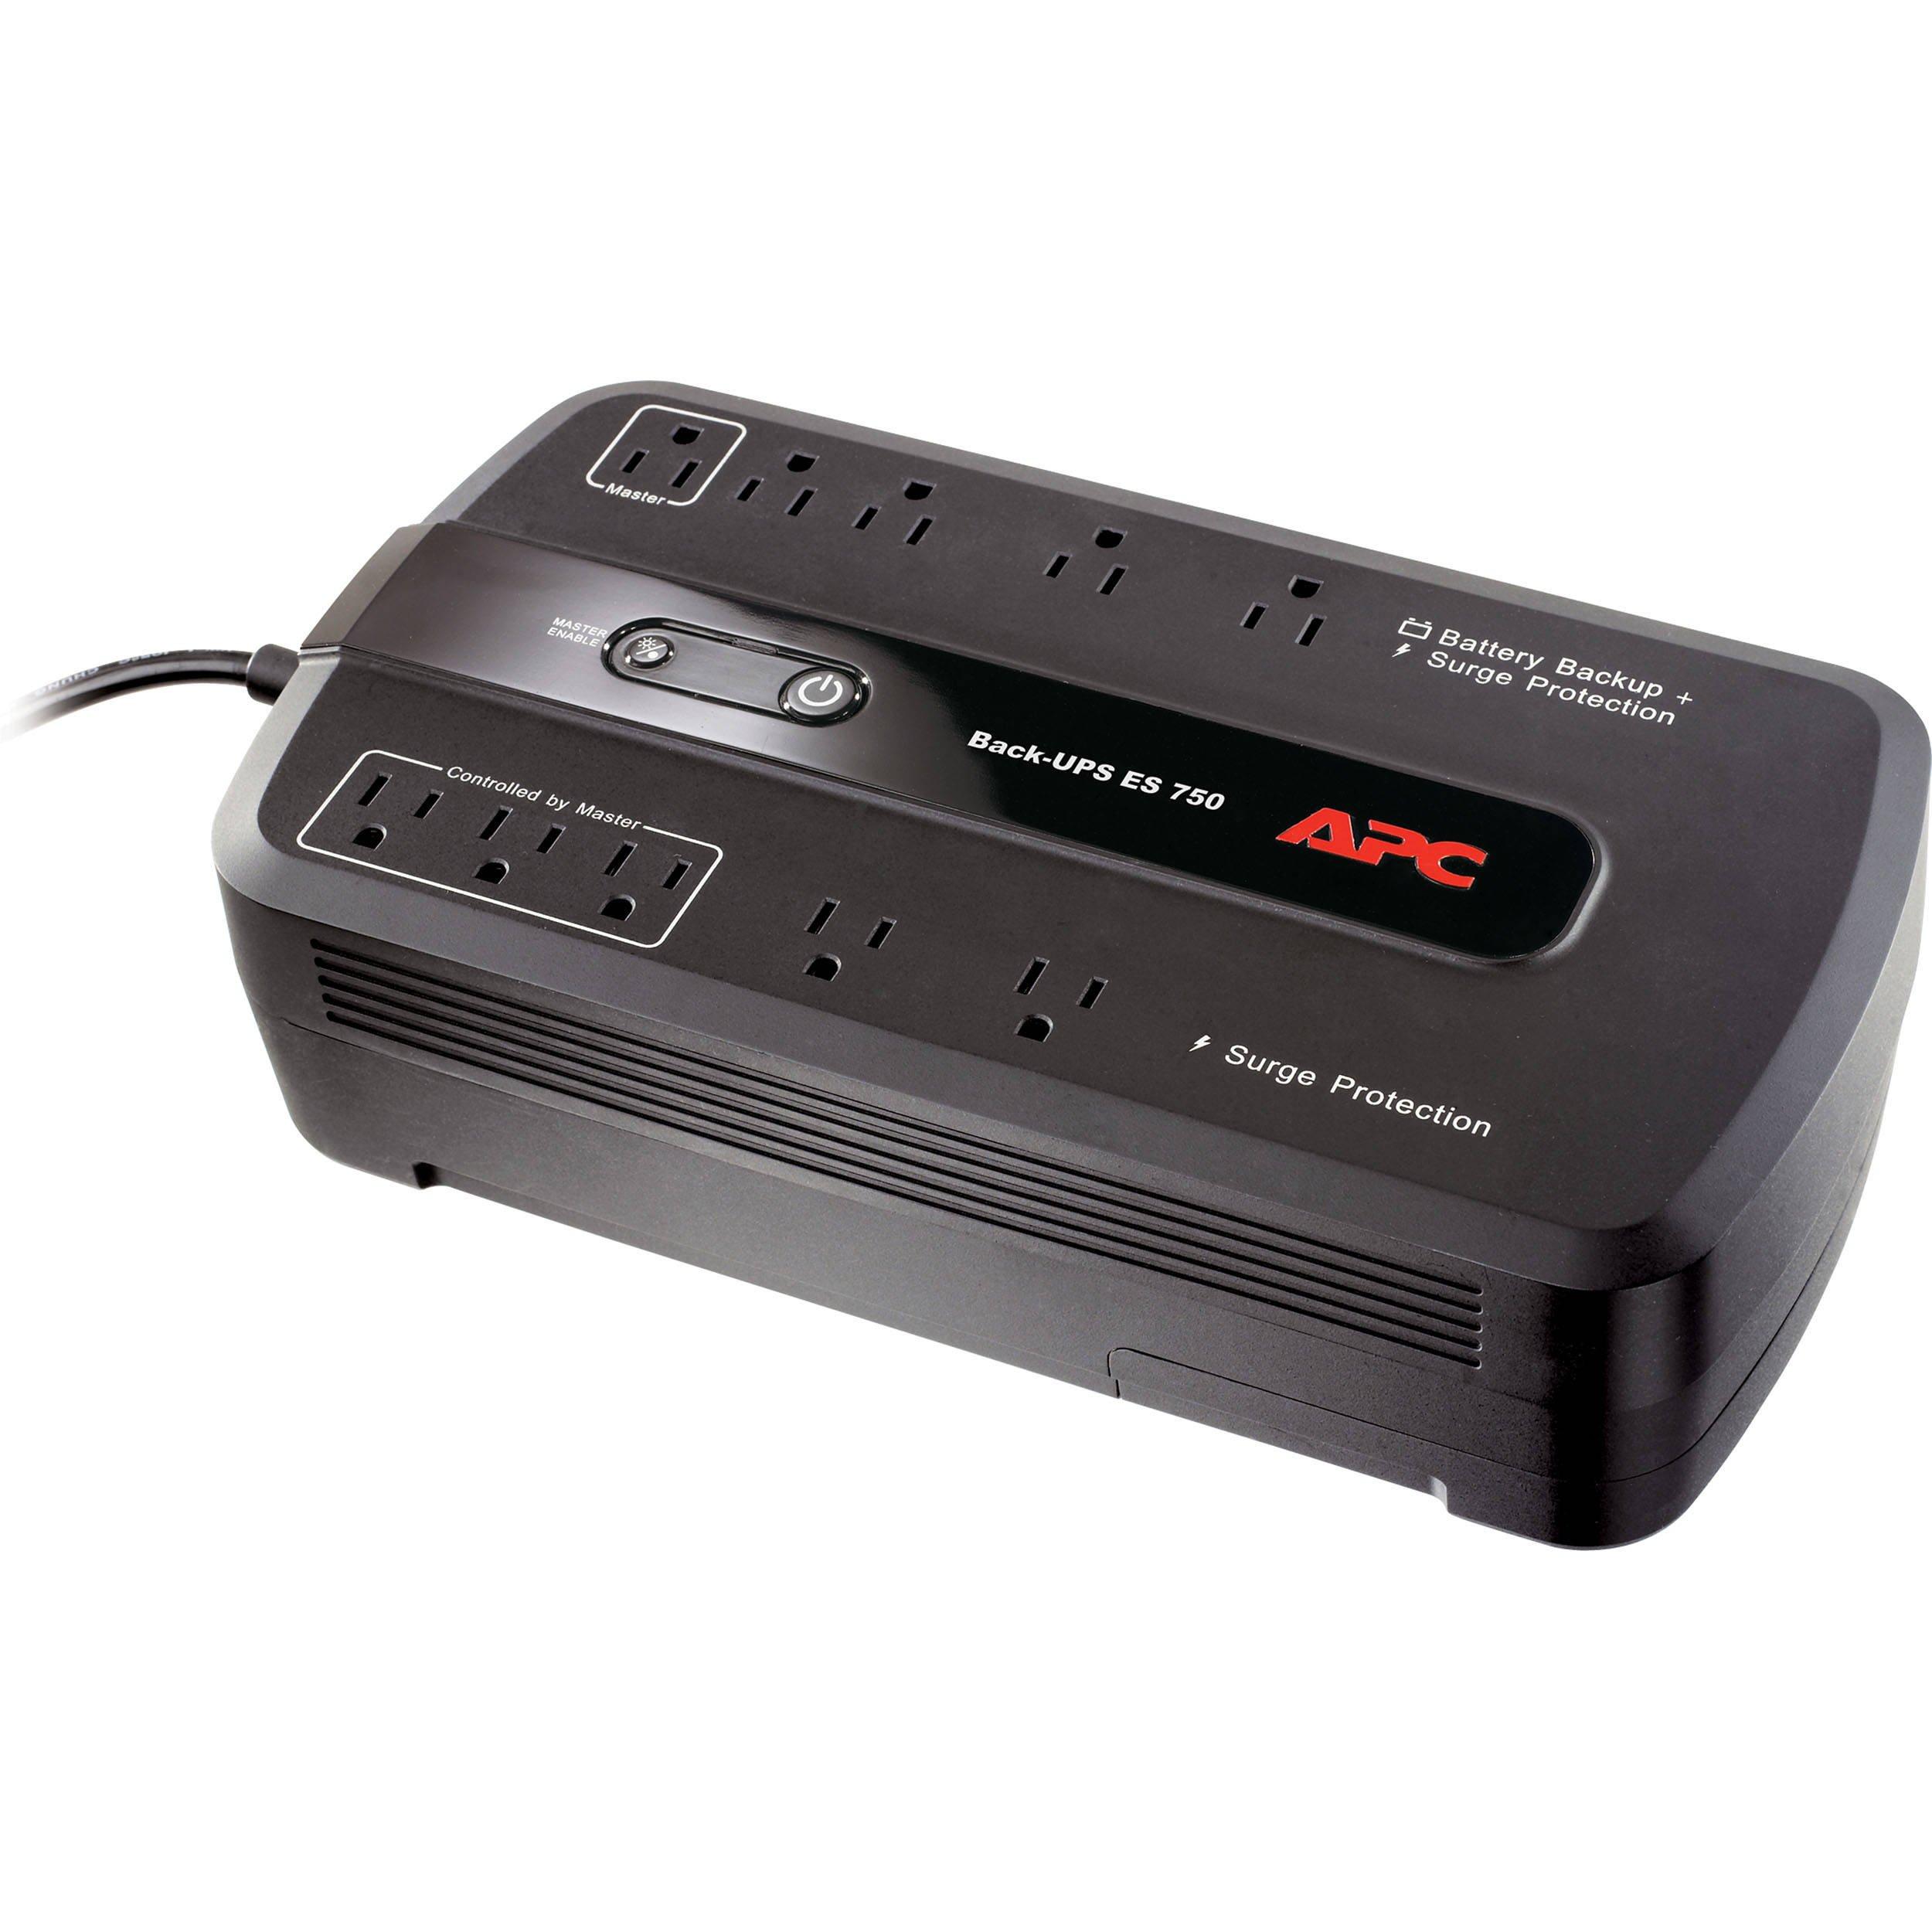 BE750G (005) - APC BE750G (005) APC BE750G Power Saving Battery Back-UPS